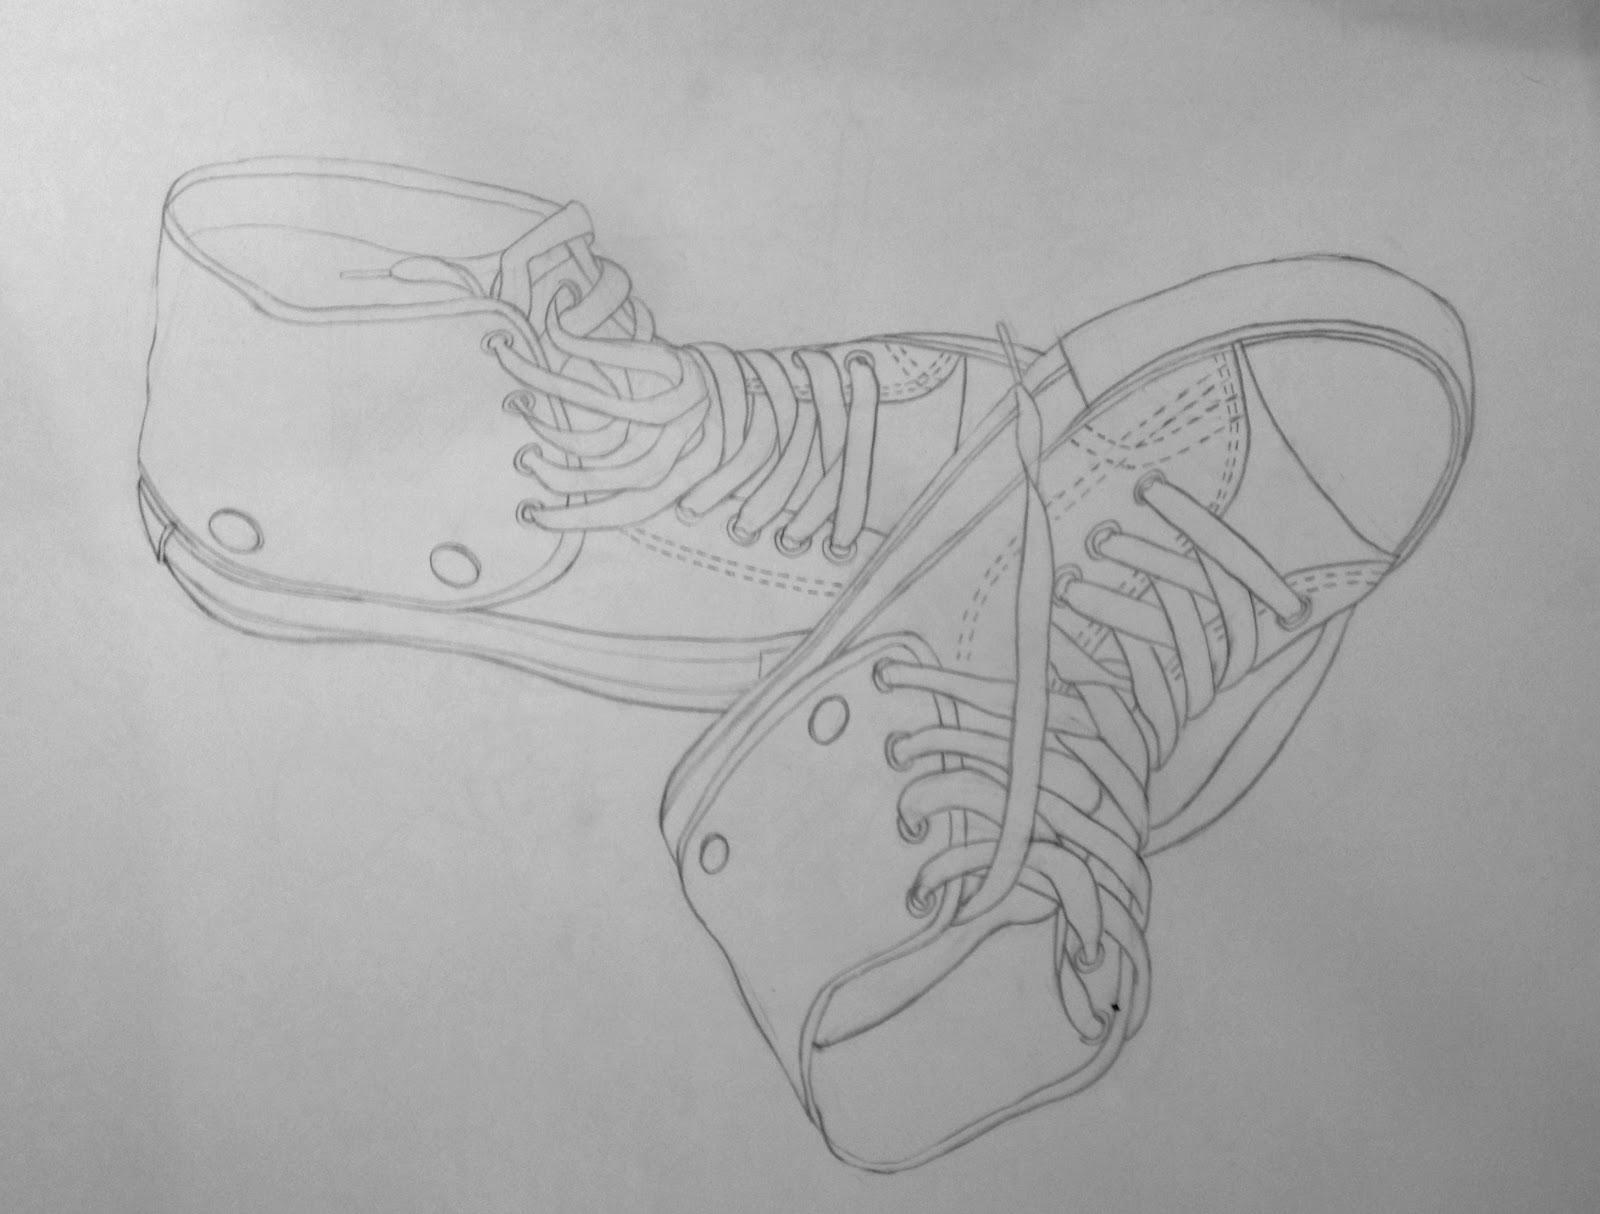 Contour Line Drawing Of A Shoe : Shoe contour